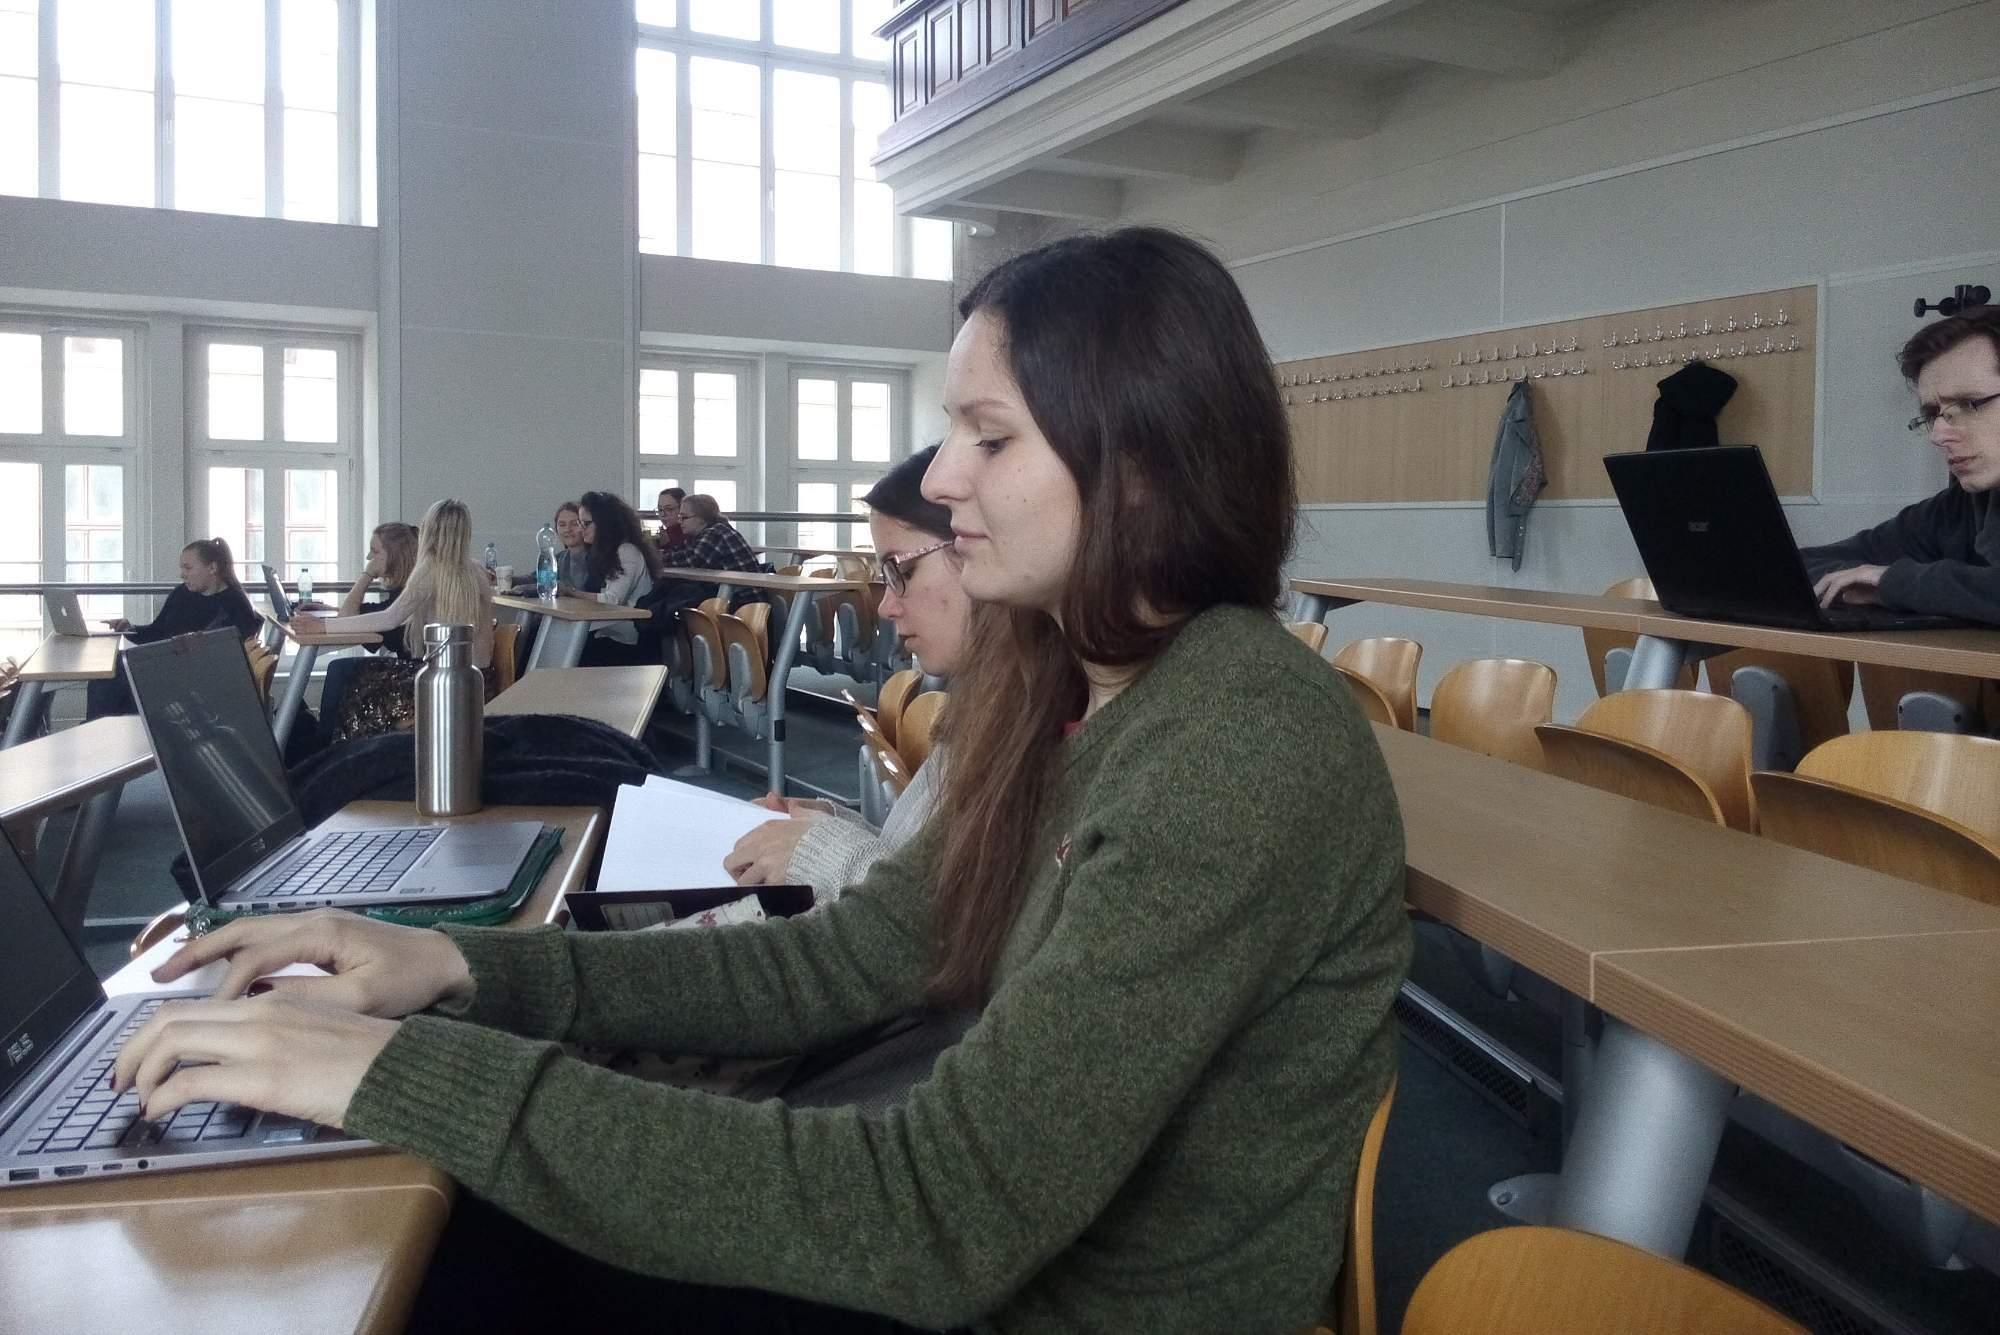 Šedesát procent studentů nedokončí bakalářské studium. Foto: Anežka Horová.